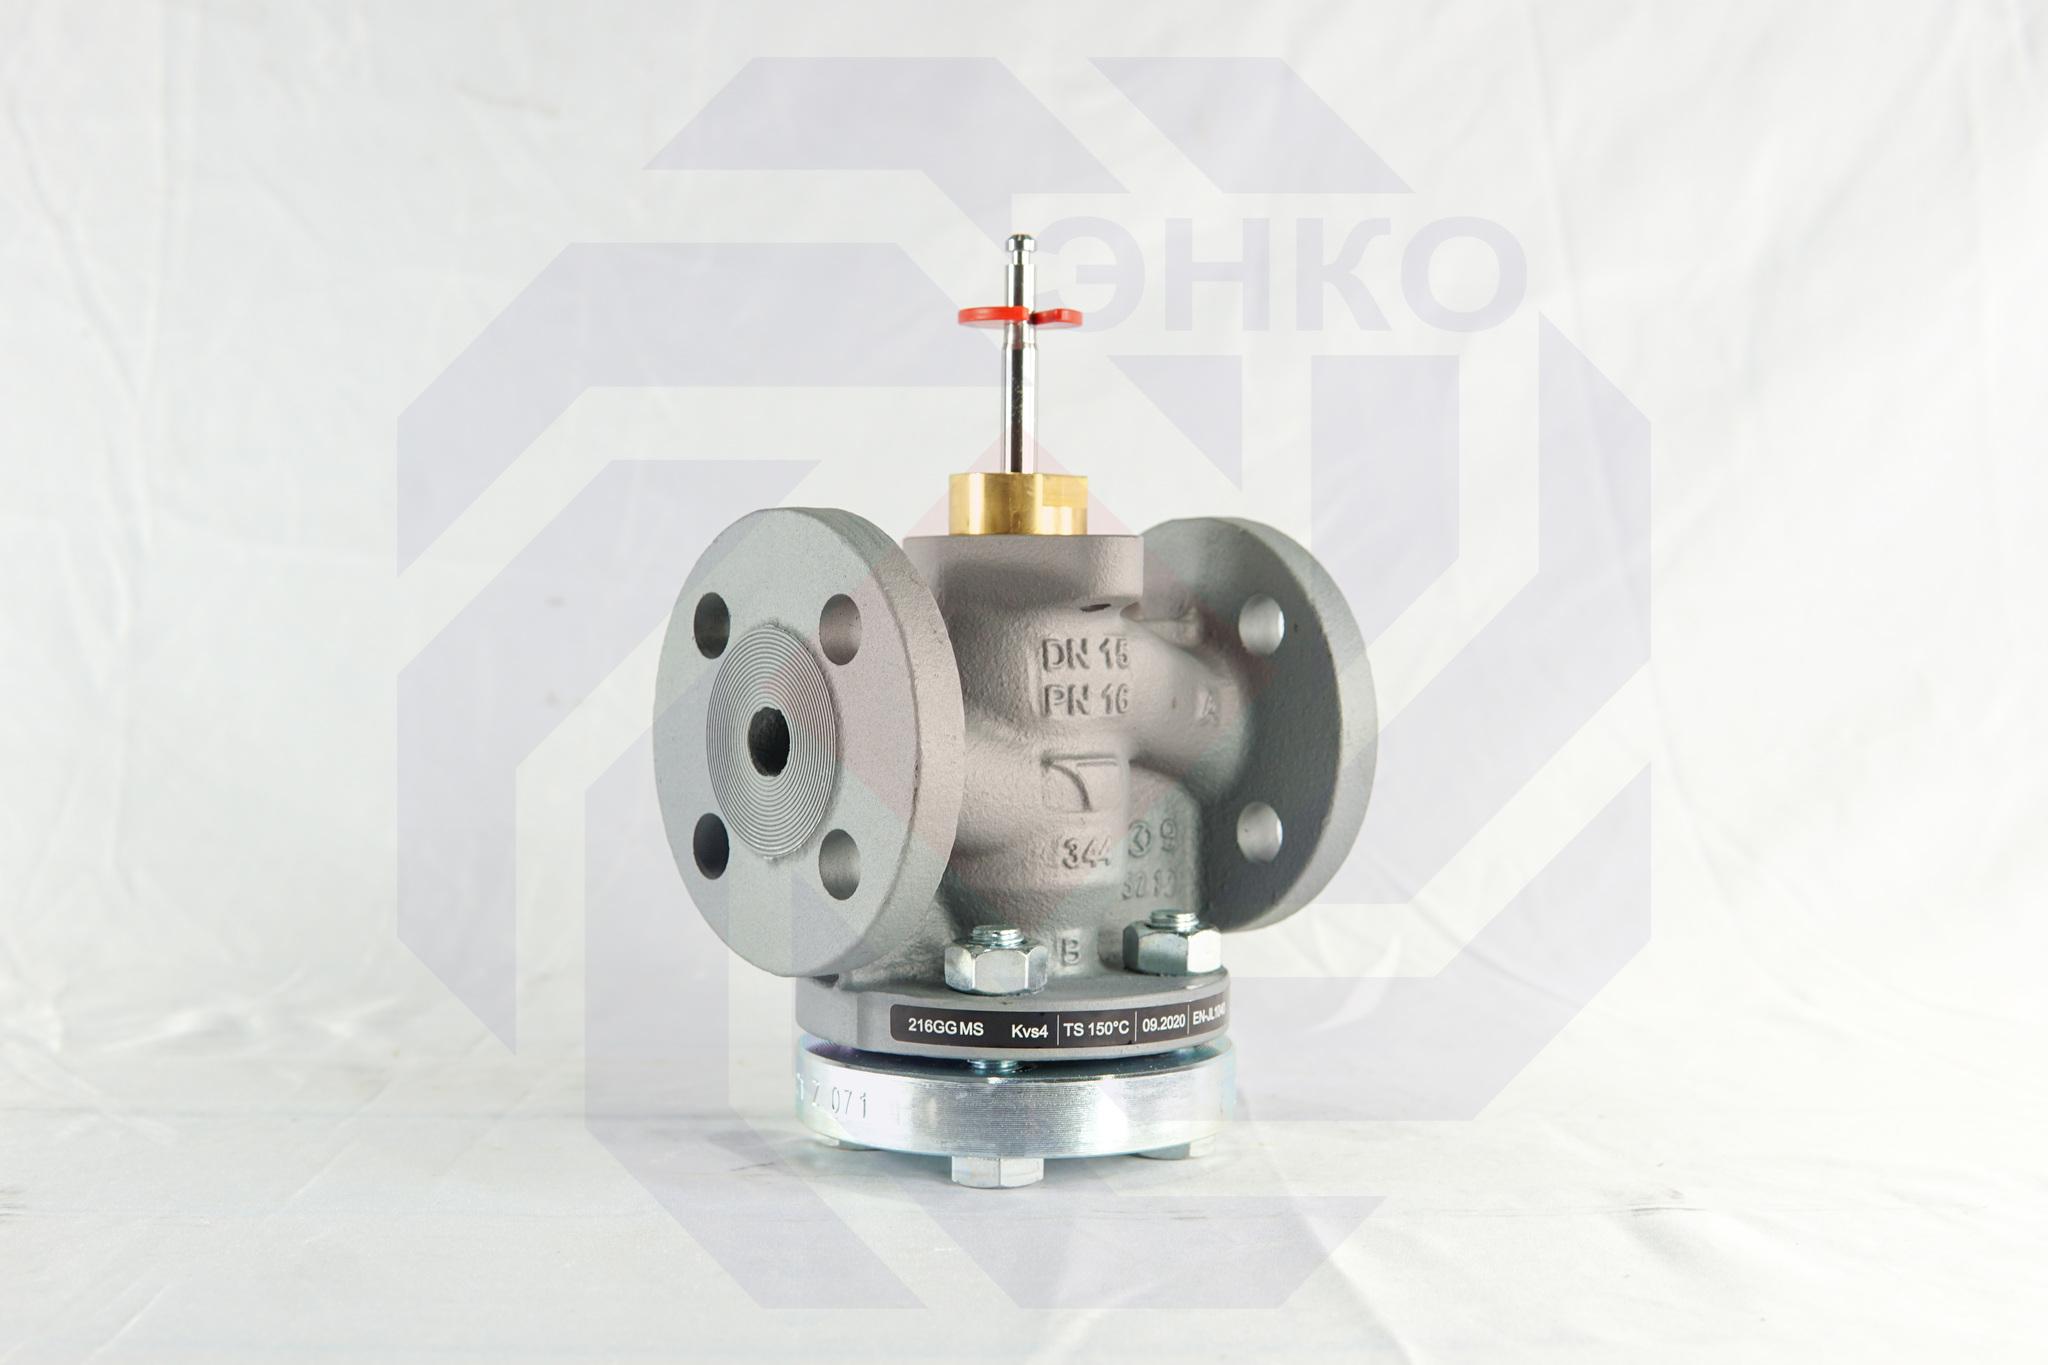 Клапан регулирующий двухходовой IMI CV216 GG DN 15